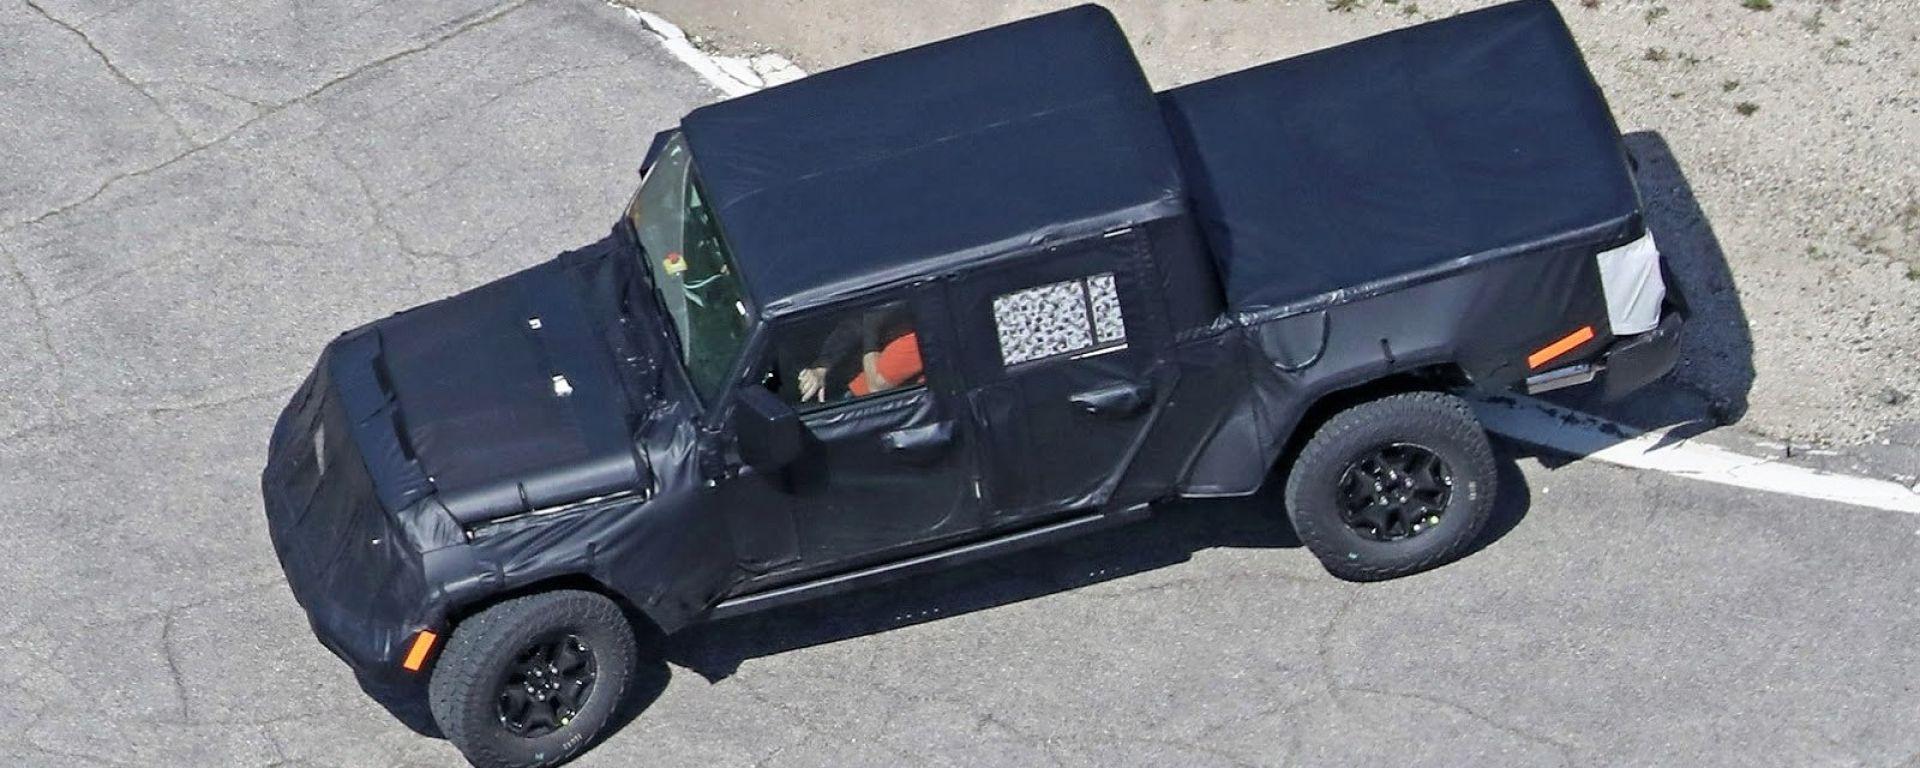 Nuovo Jeep Scrambler: il pick-up sarà pronto a inizio 2019